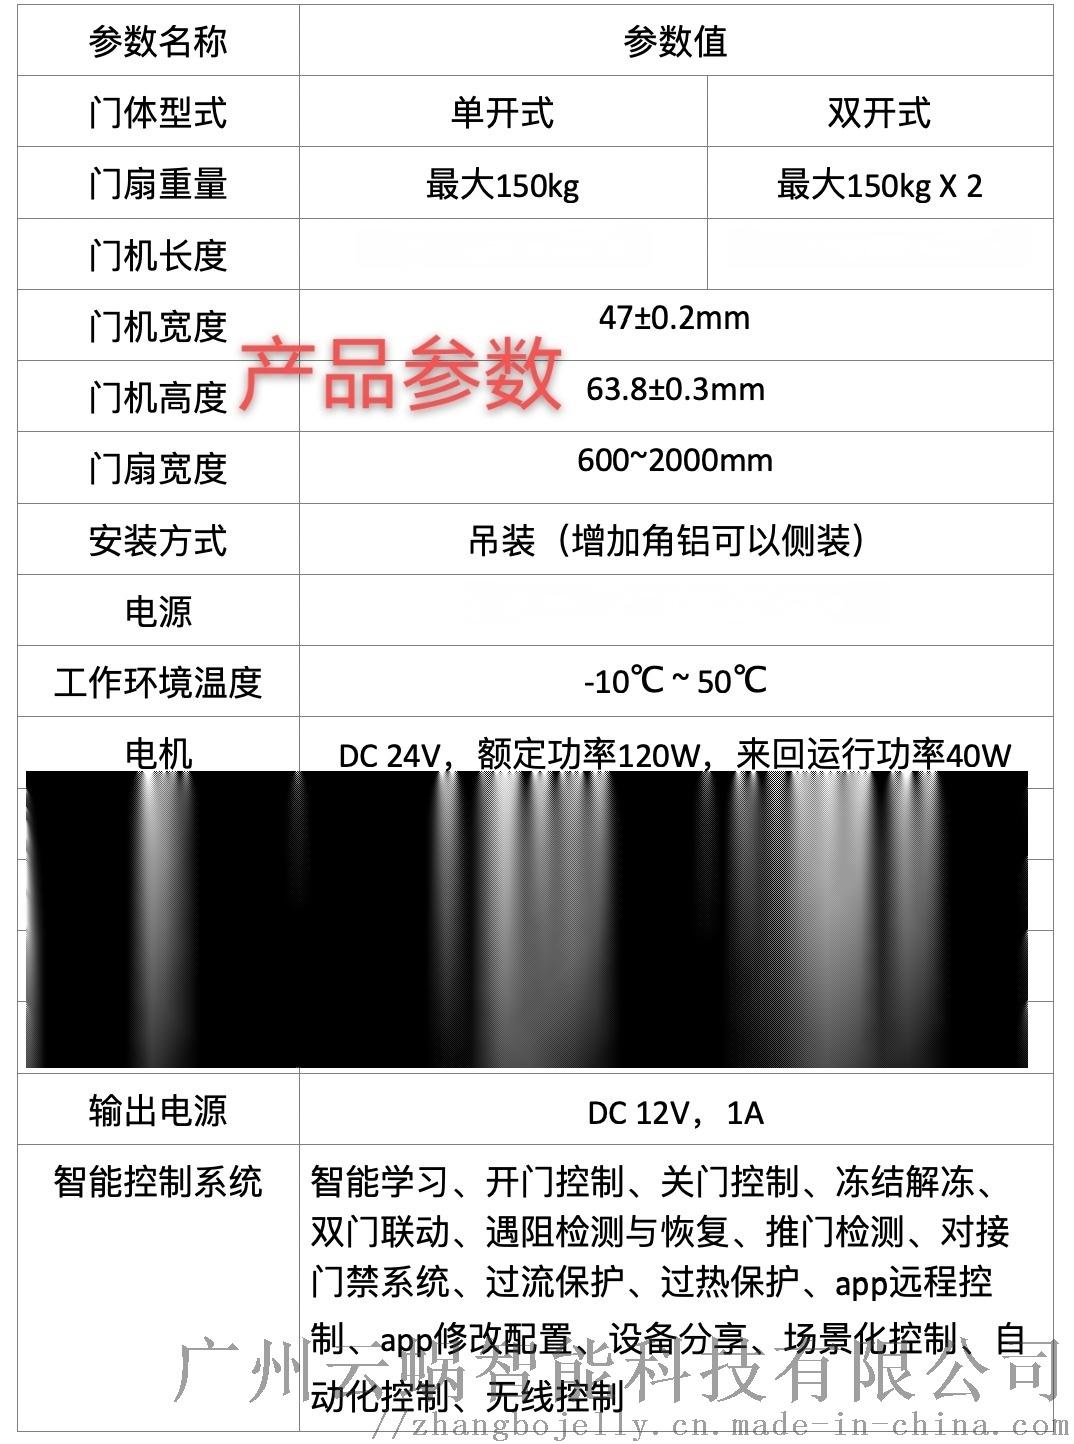 微信图片_20200506135535.jpg